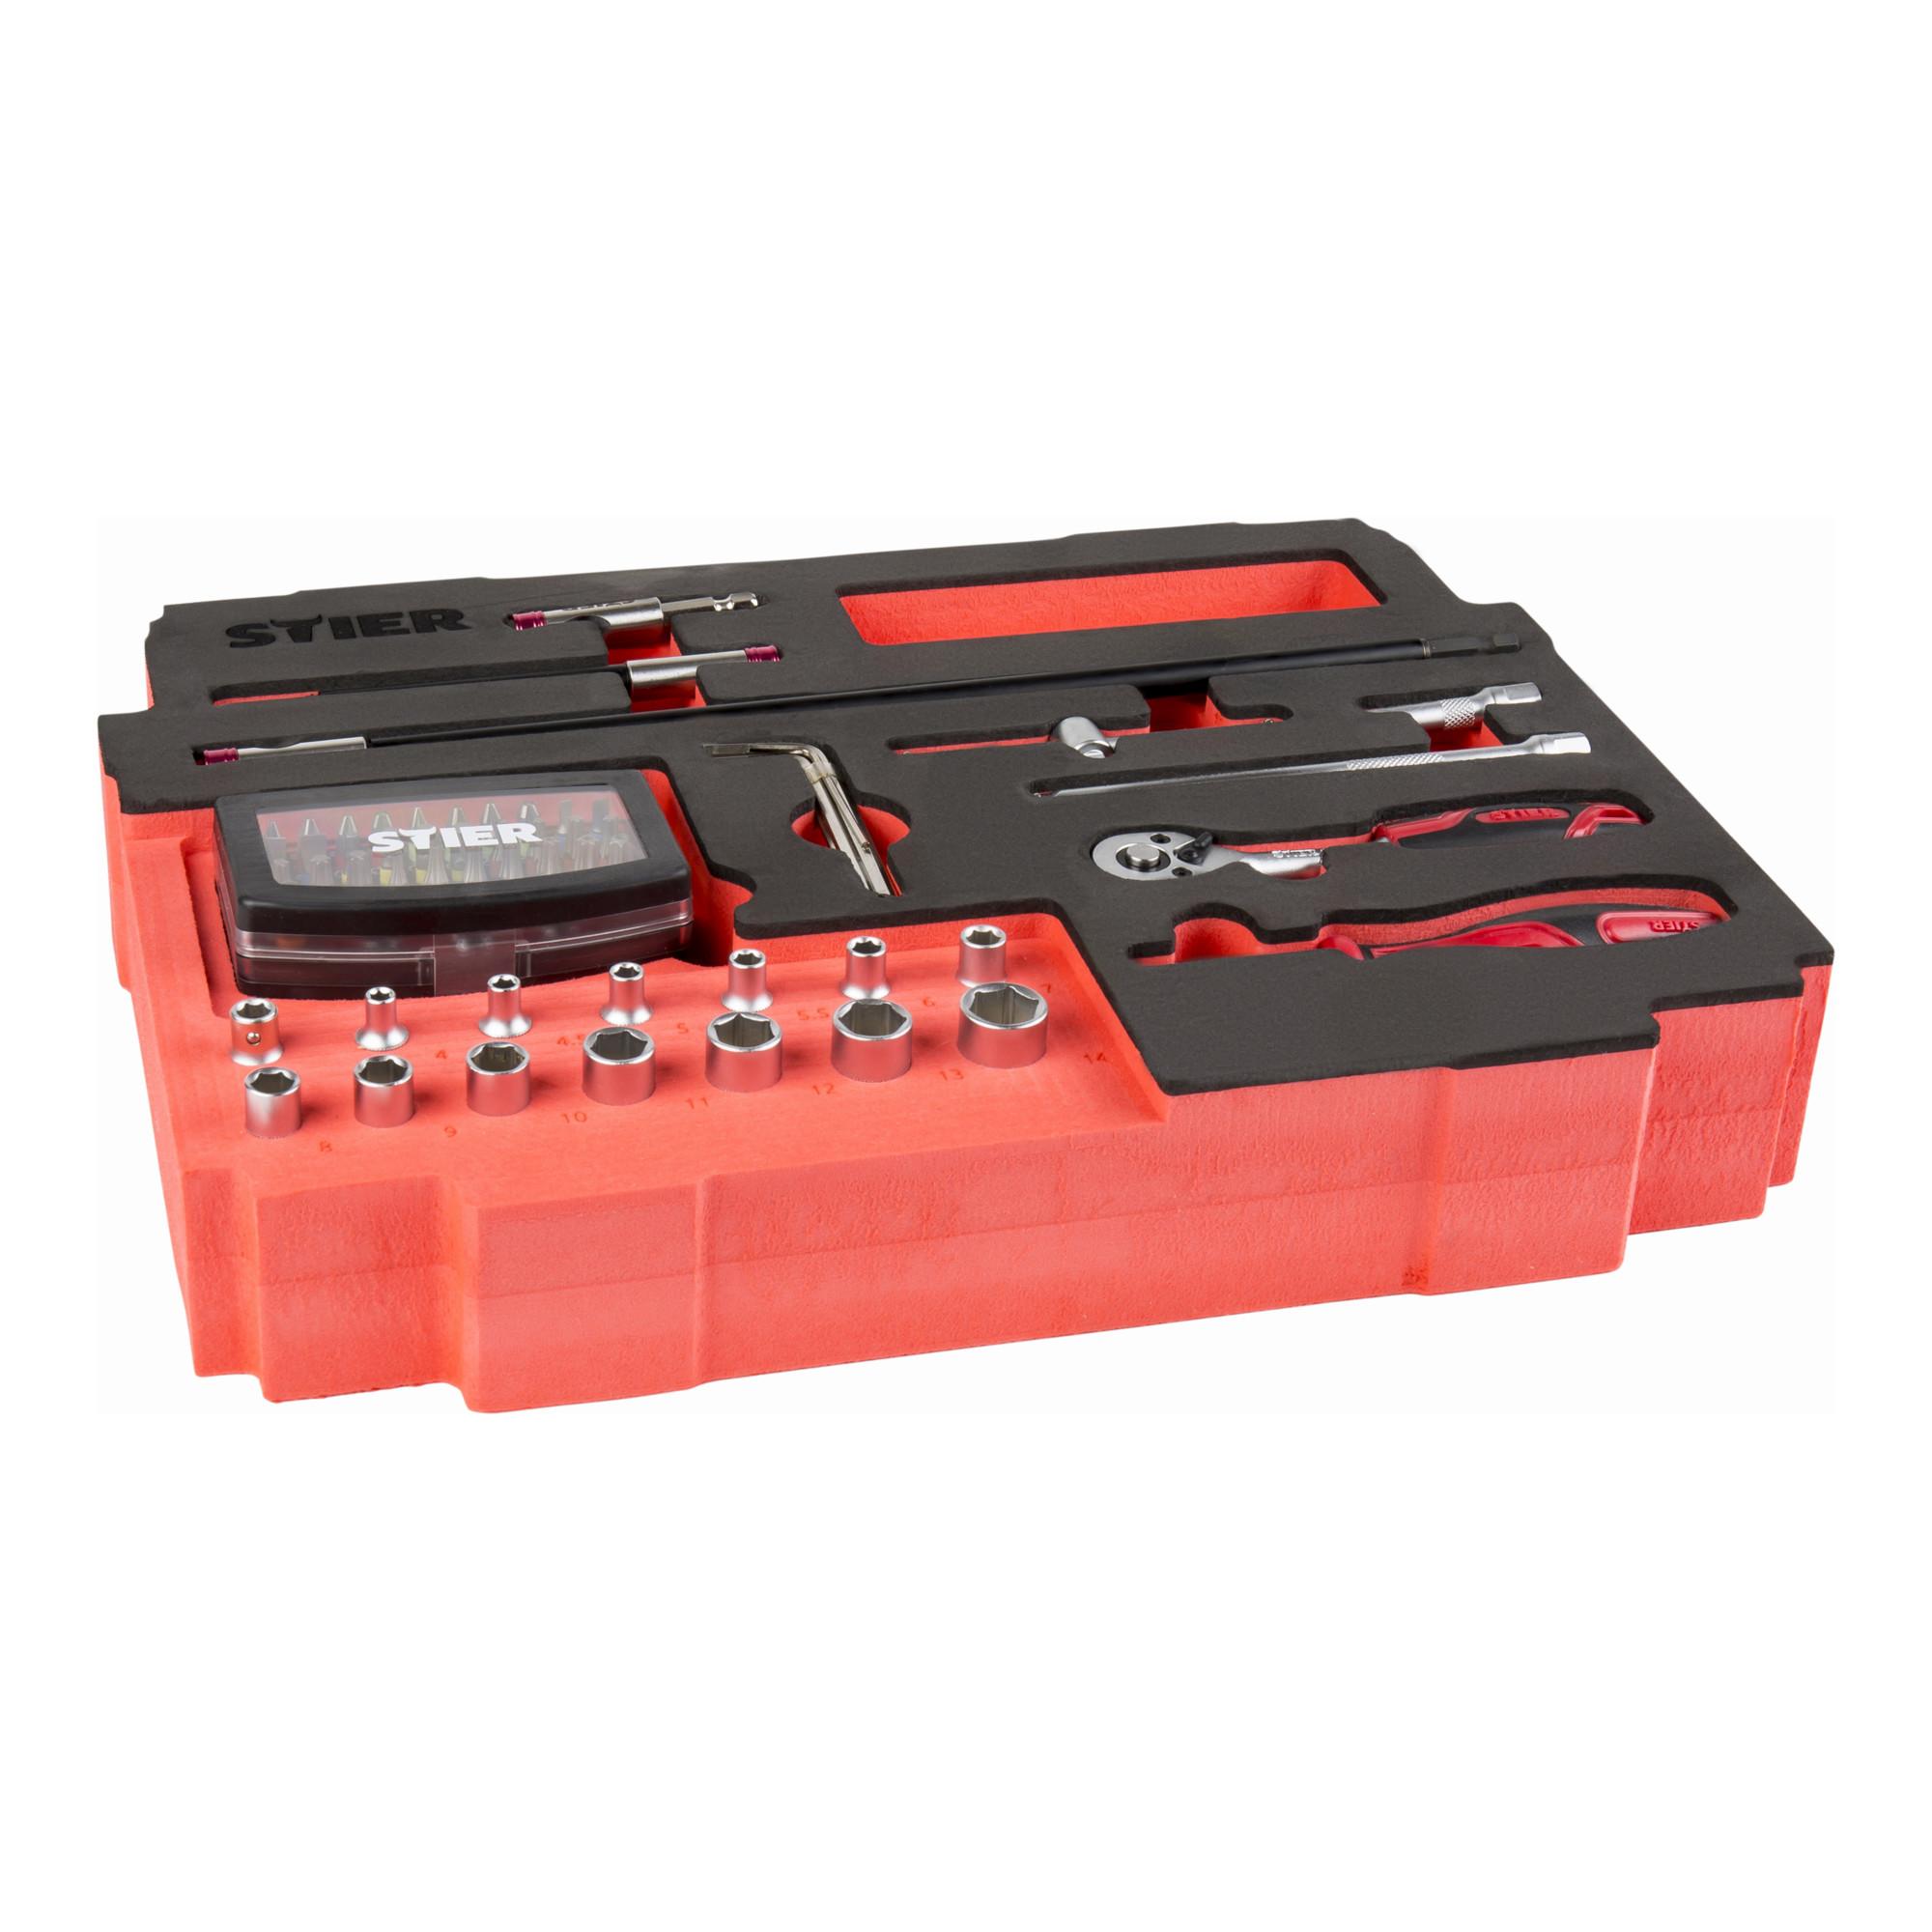 STIER Schrauberbit-Satz Professional mit Schnellwechselhalter und Farbcodierung